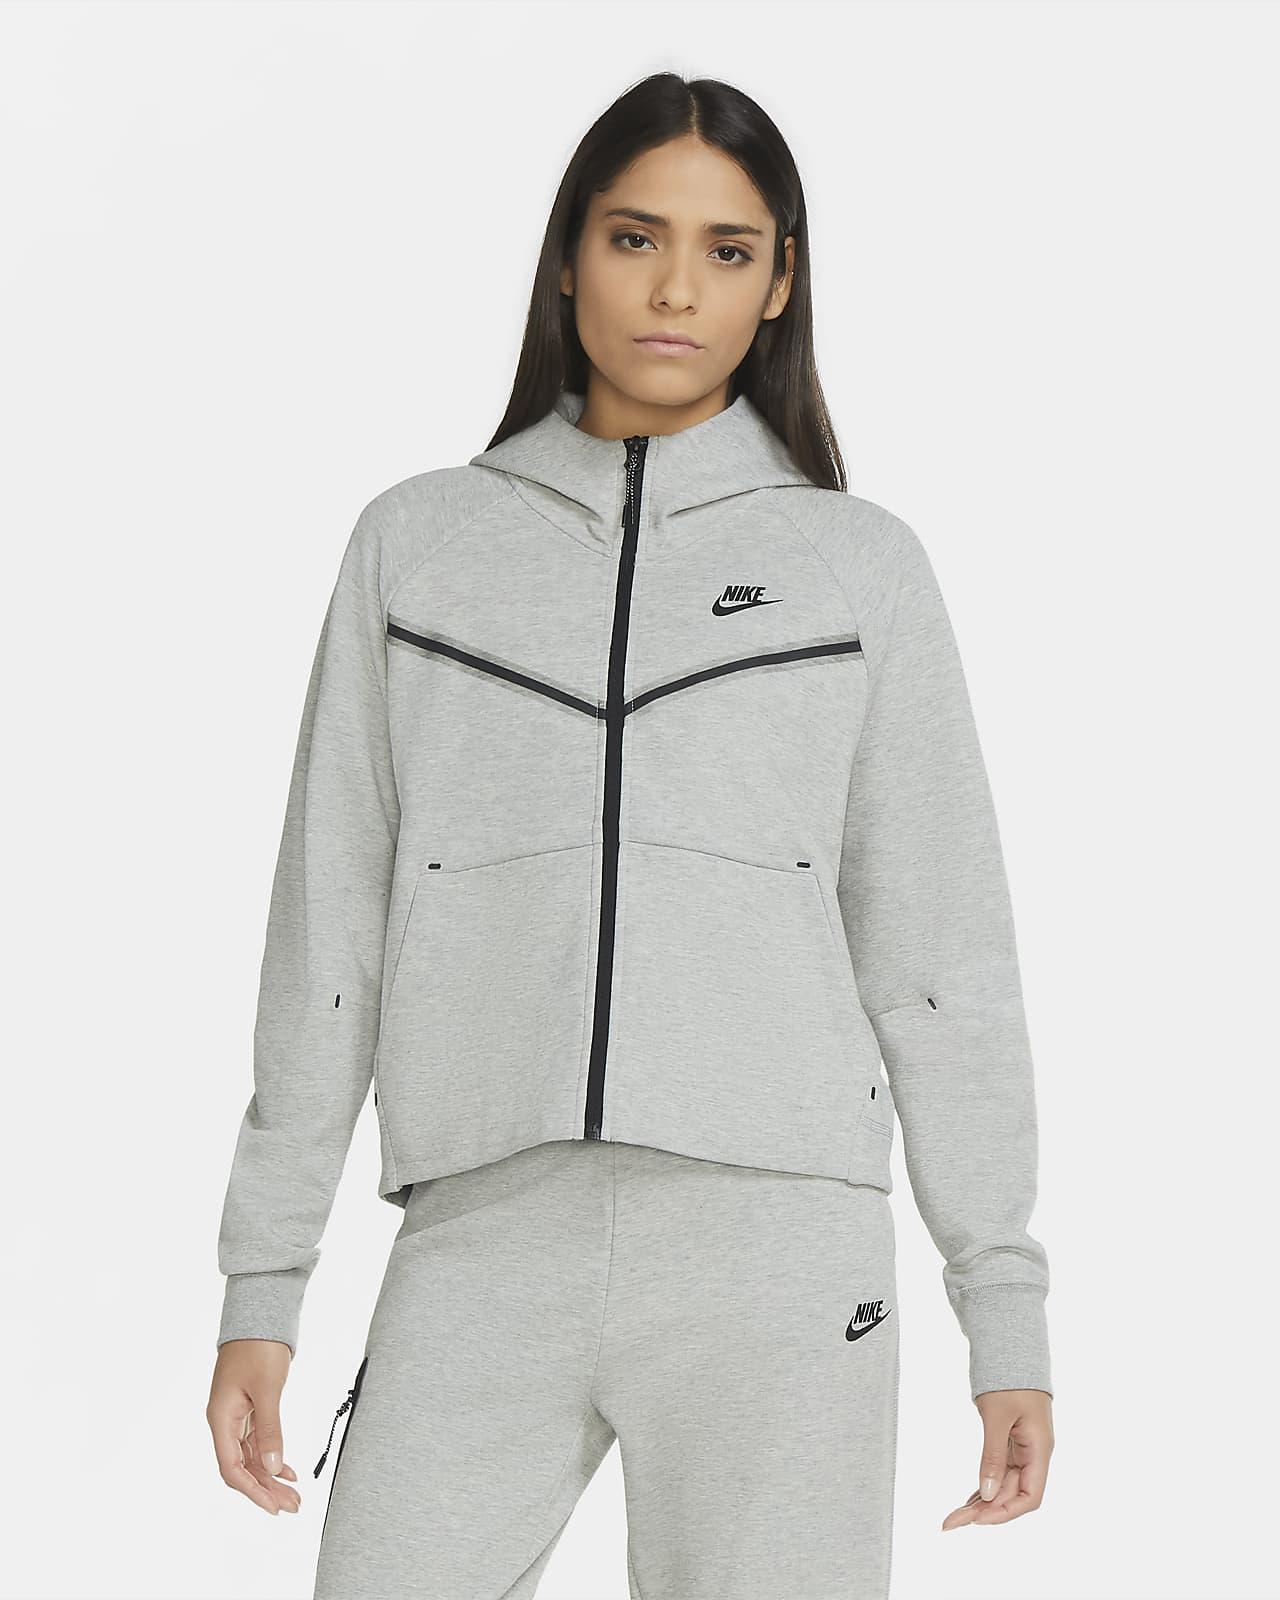 เสื้อมีฮู้ดซิปยาวผู้หญิง Nike Sportswear Tech Fleece Windrunner